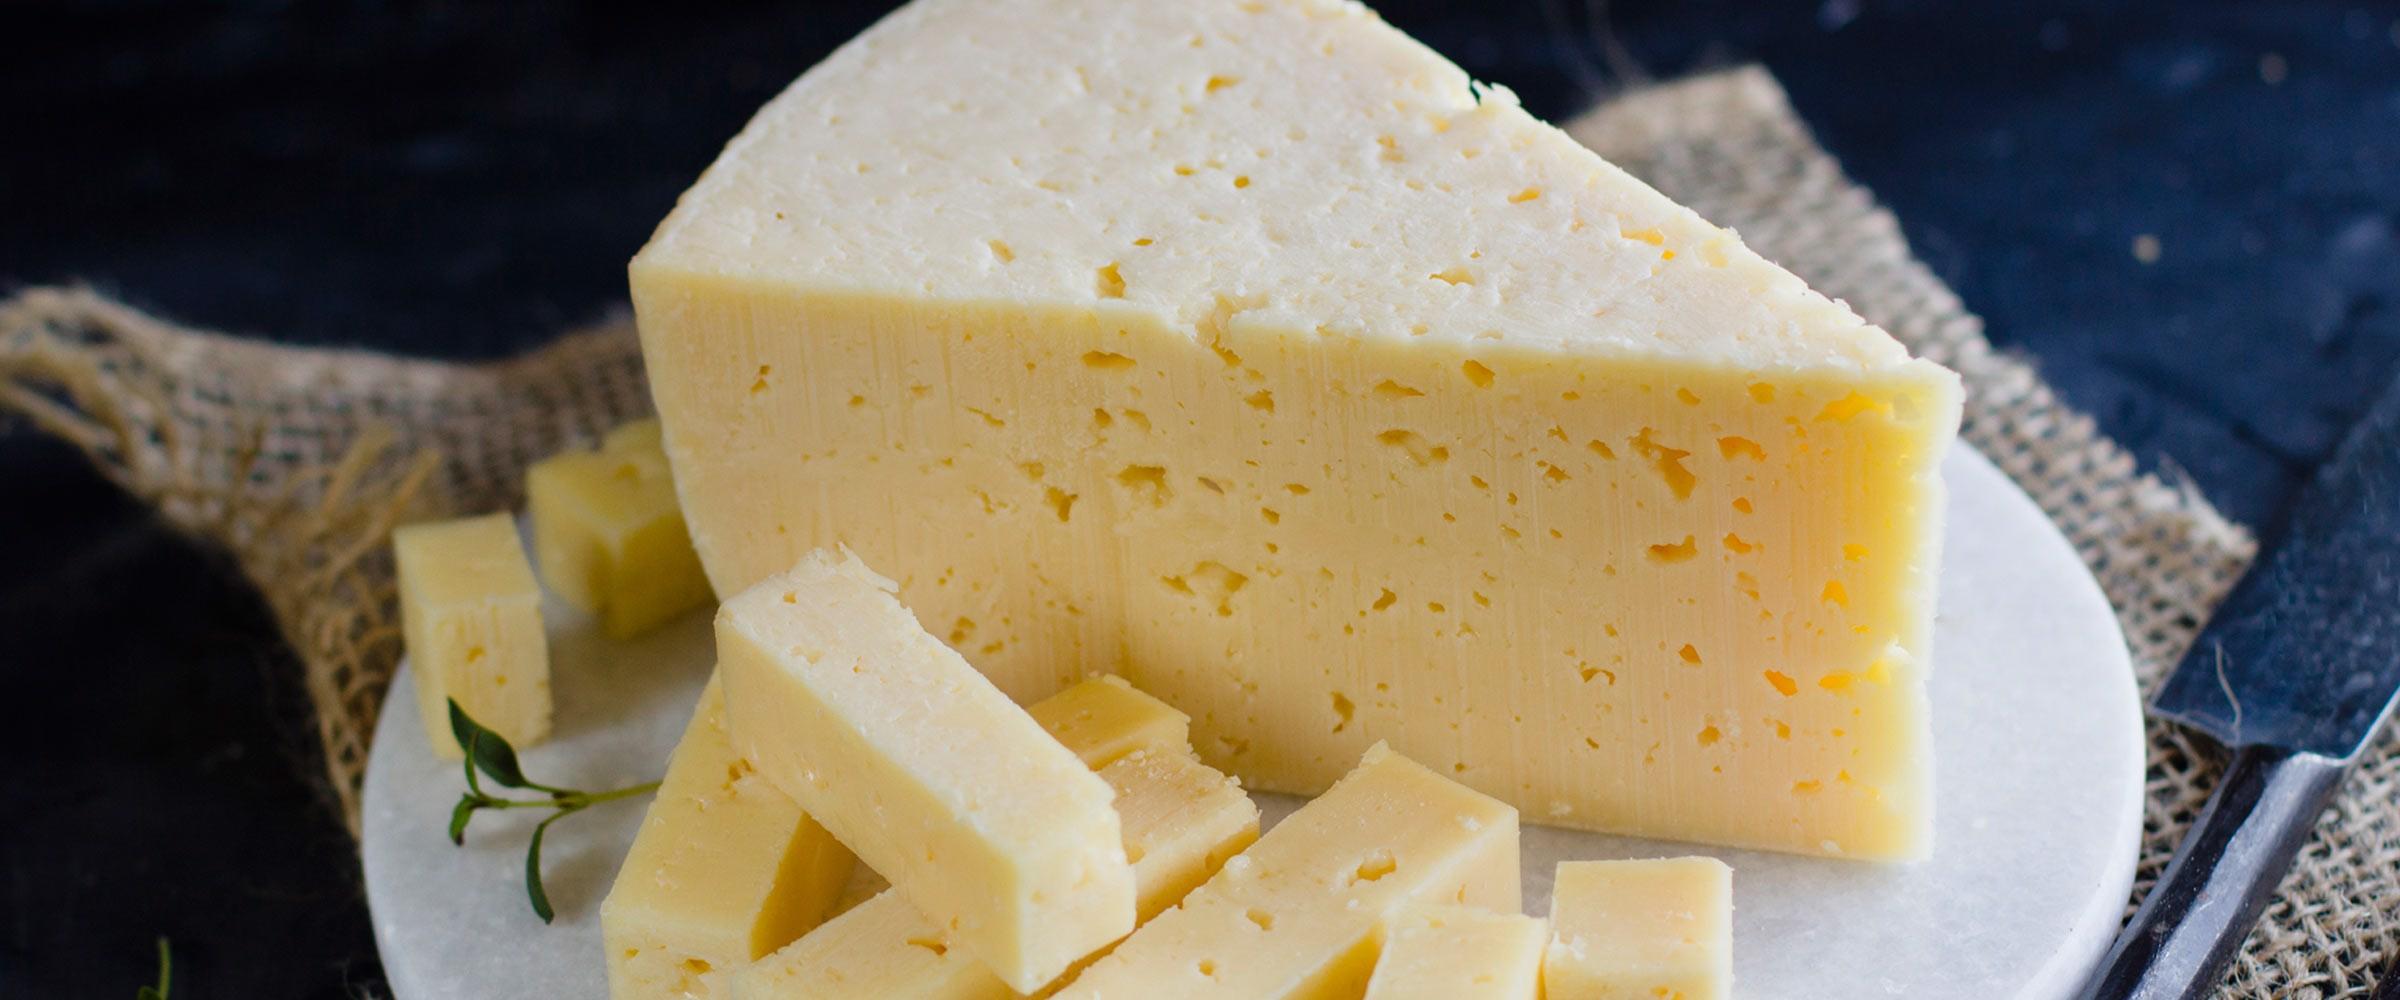 Hvorfor er der huller i ost?